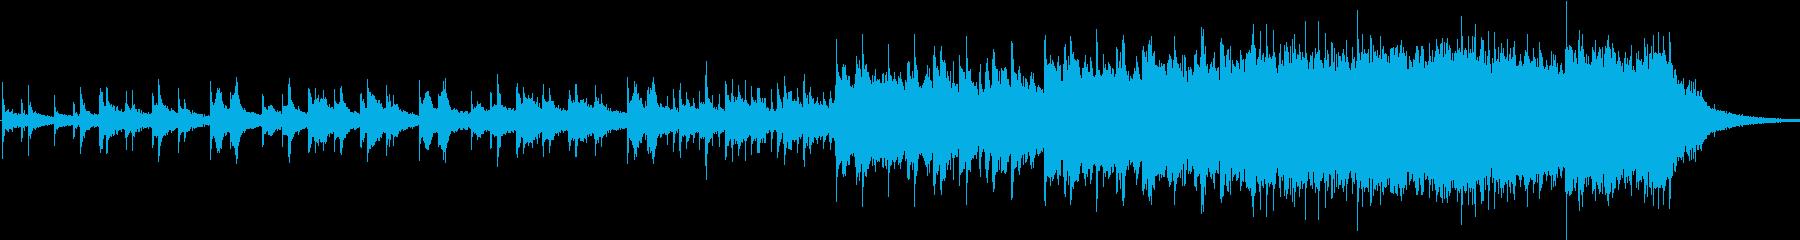 プログレッシブ 交響曲 荘厳 ファ...の再生済みの波形